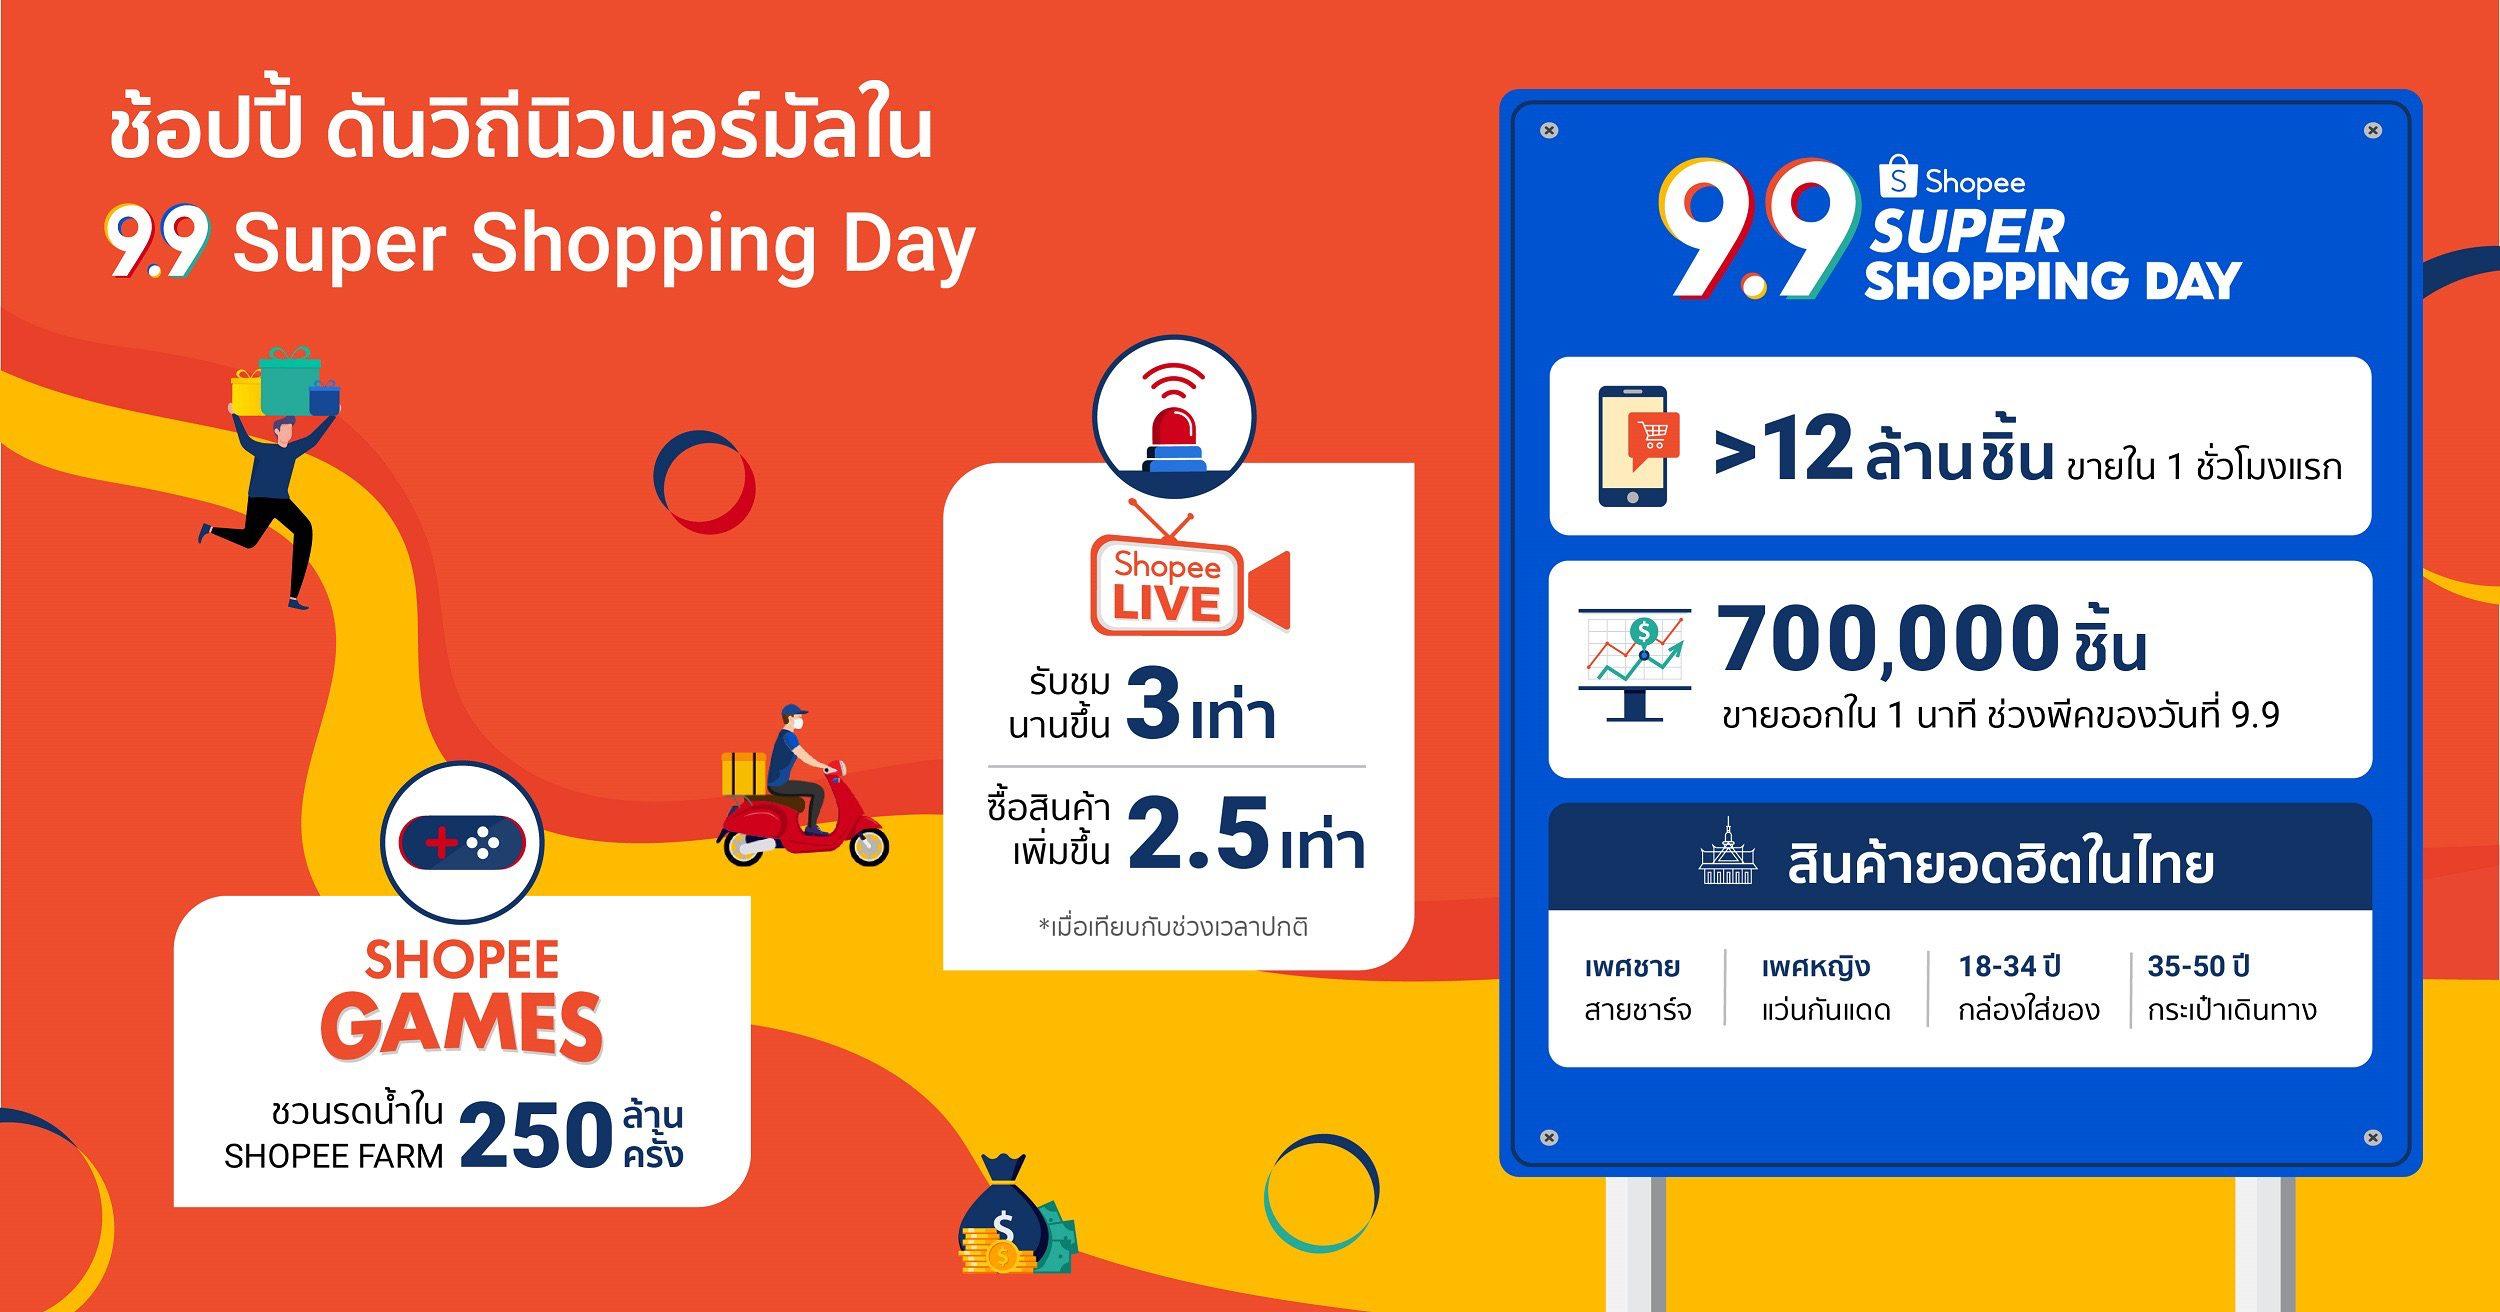 ช้อปปี้ โชว์ศักยภาพ ขับเคลื่อนเศรษฐกิจสู่วิถีนิวนอร์มัล ในมหกรรมช้อปแห่งชาติ Shopee 9.9 Super Shopping Day เผยใน 1 ชั่วโมงแรกของวันที่ 9 กันยายน มีสินค้าถูกขายออกถึง 12 ล้านชิ้น